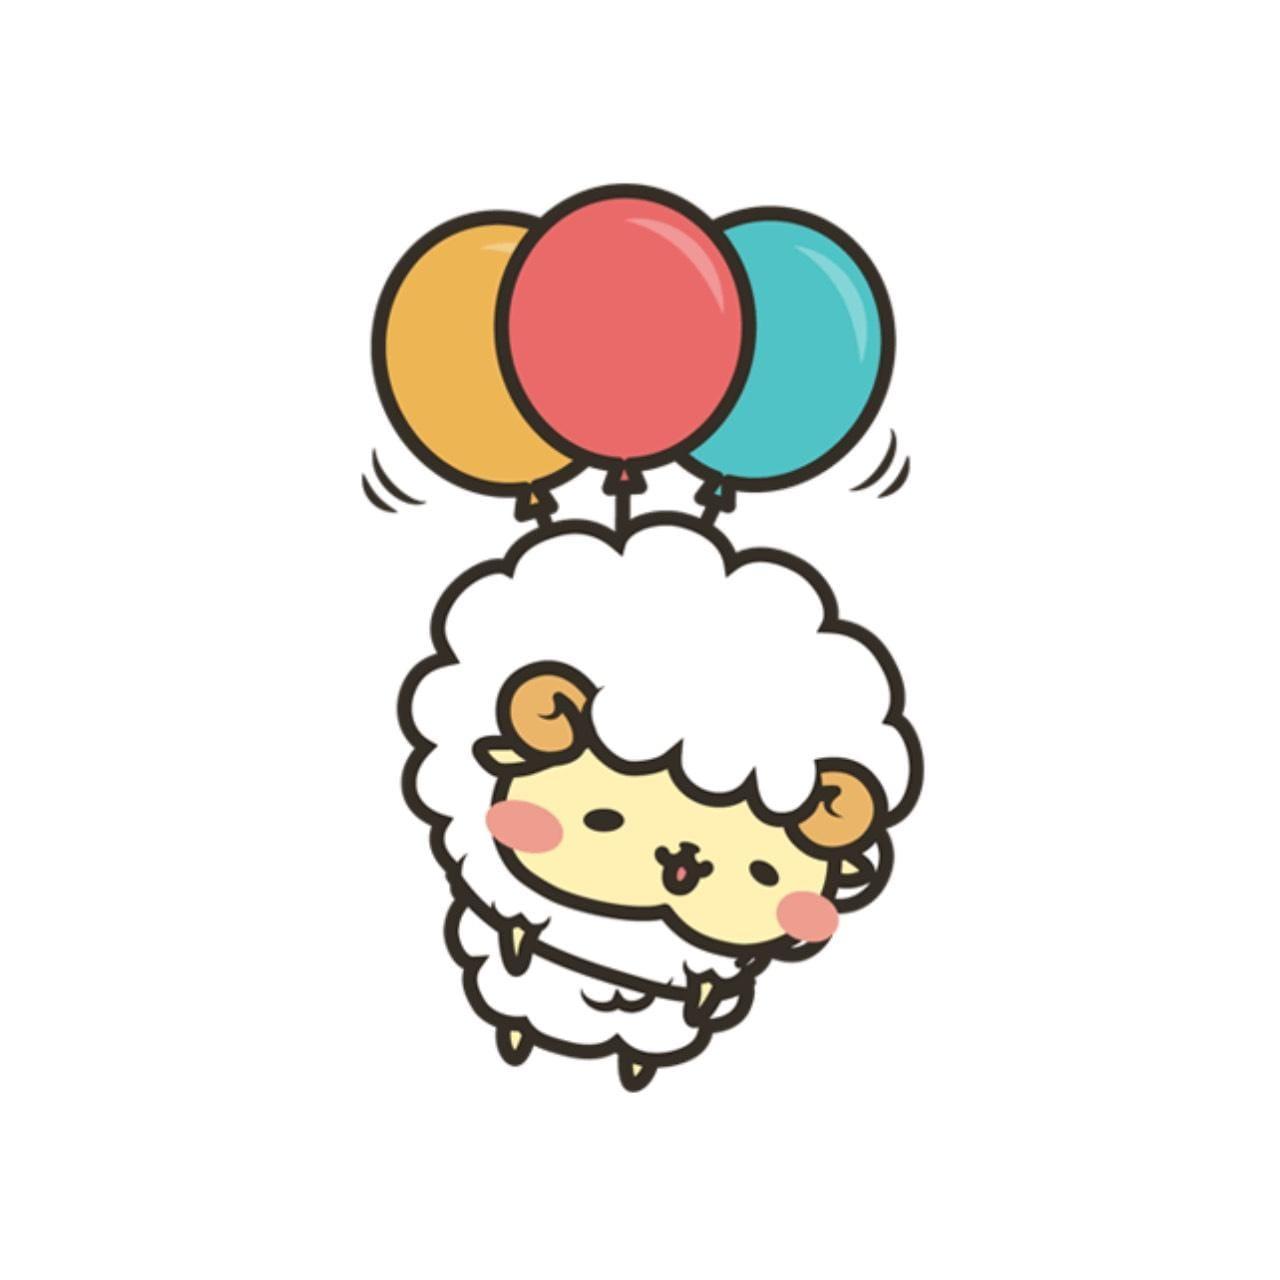 「こんにちは(^^)」08/17(金) 13:14 | さなえの写メ・風俗動画